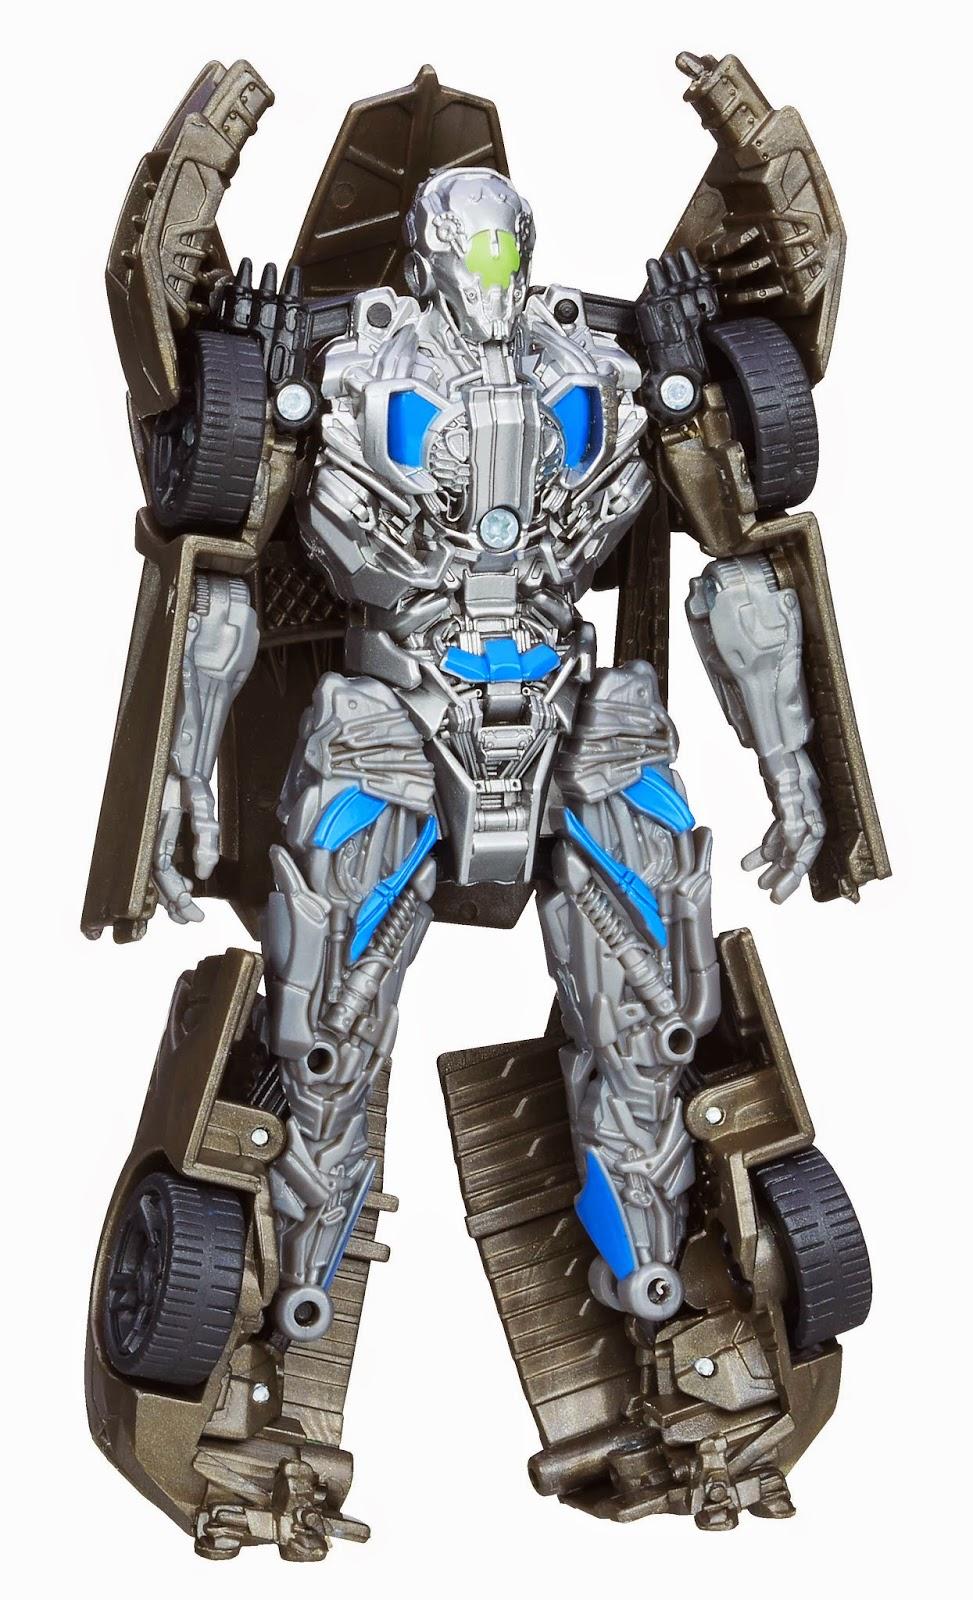 Cybertron Day per acquistare giocattoli film Transformers 4 Era dell Estinzione Hasbro vendita online su Amazon